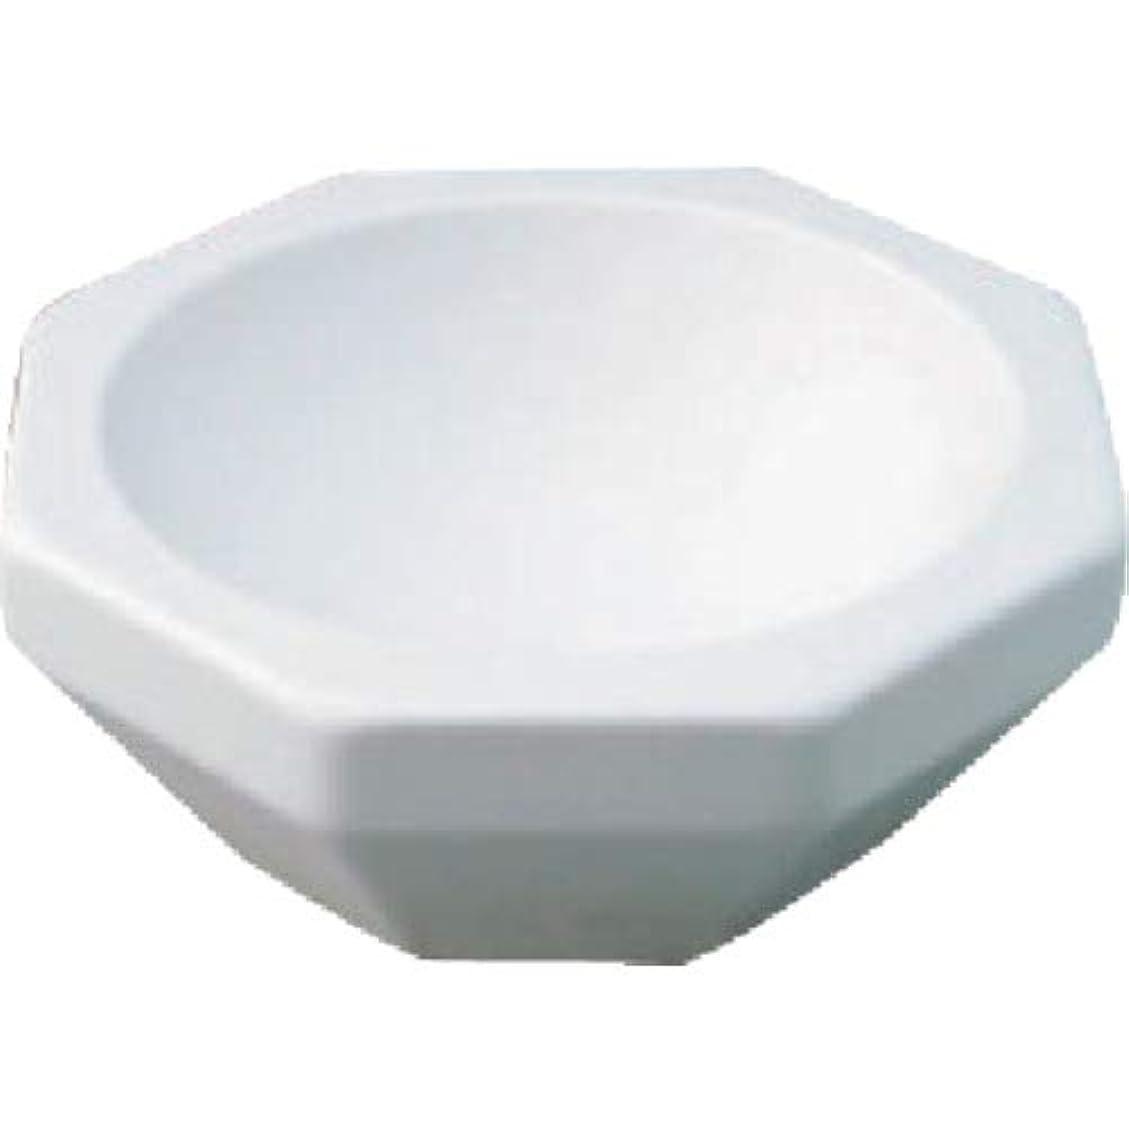 シャッフル育成侵入レオナ 乳鉢(乳棒付)アルミナ 30mL/61-9632-22